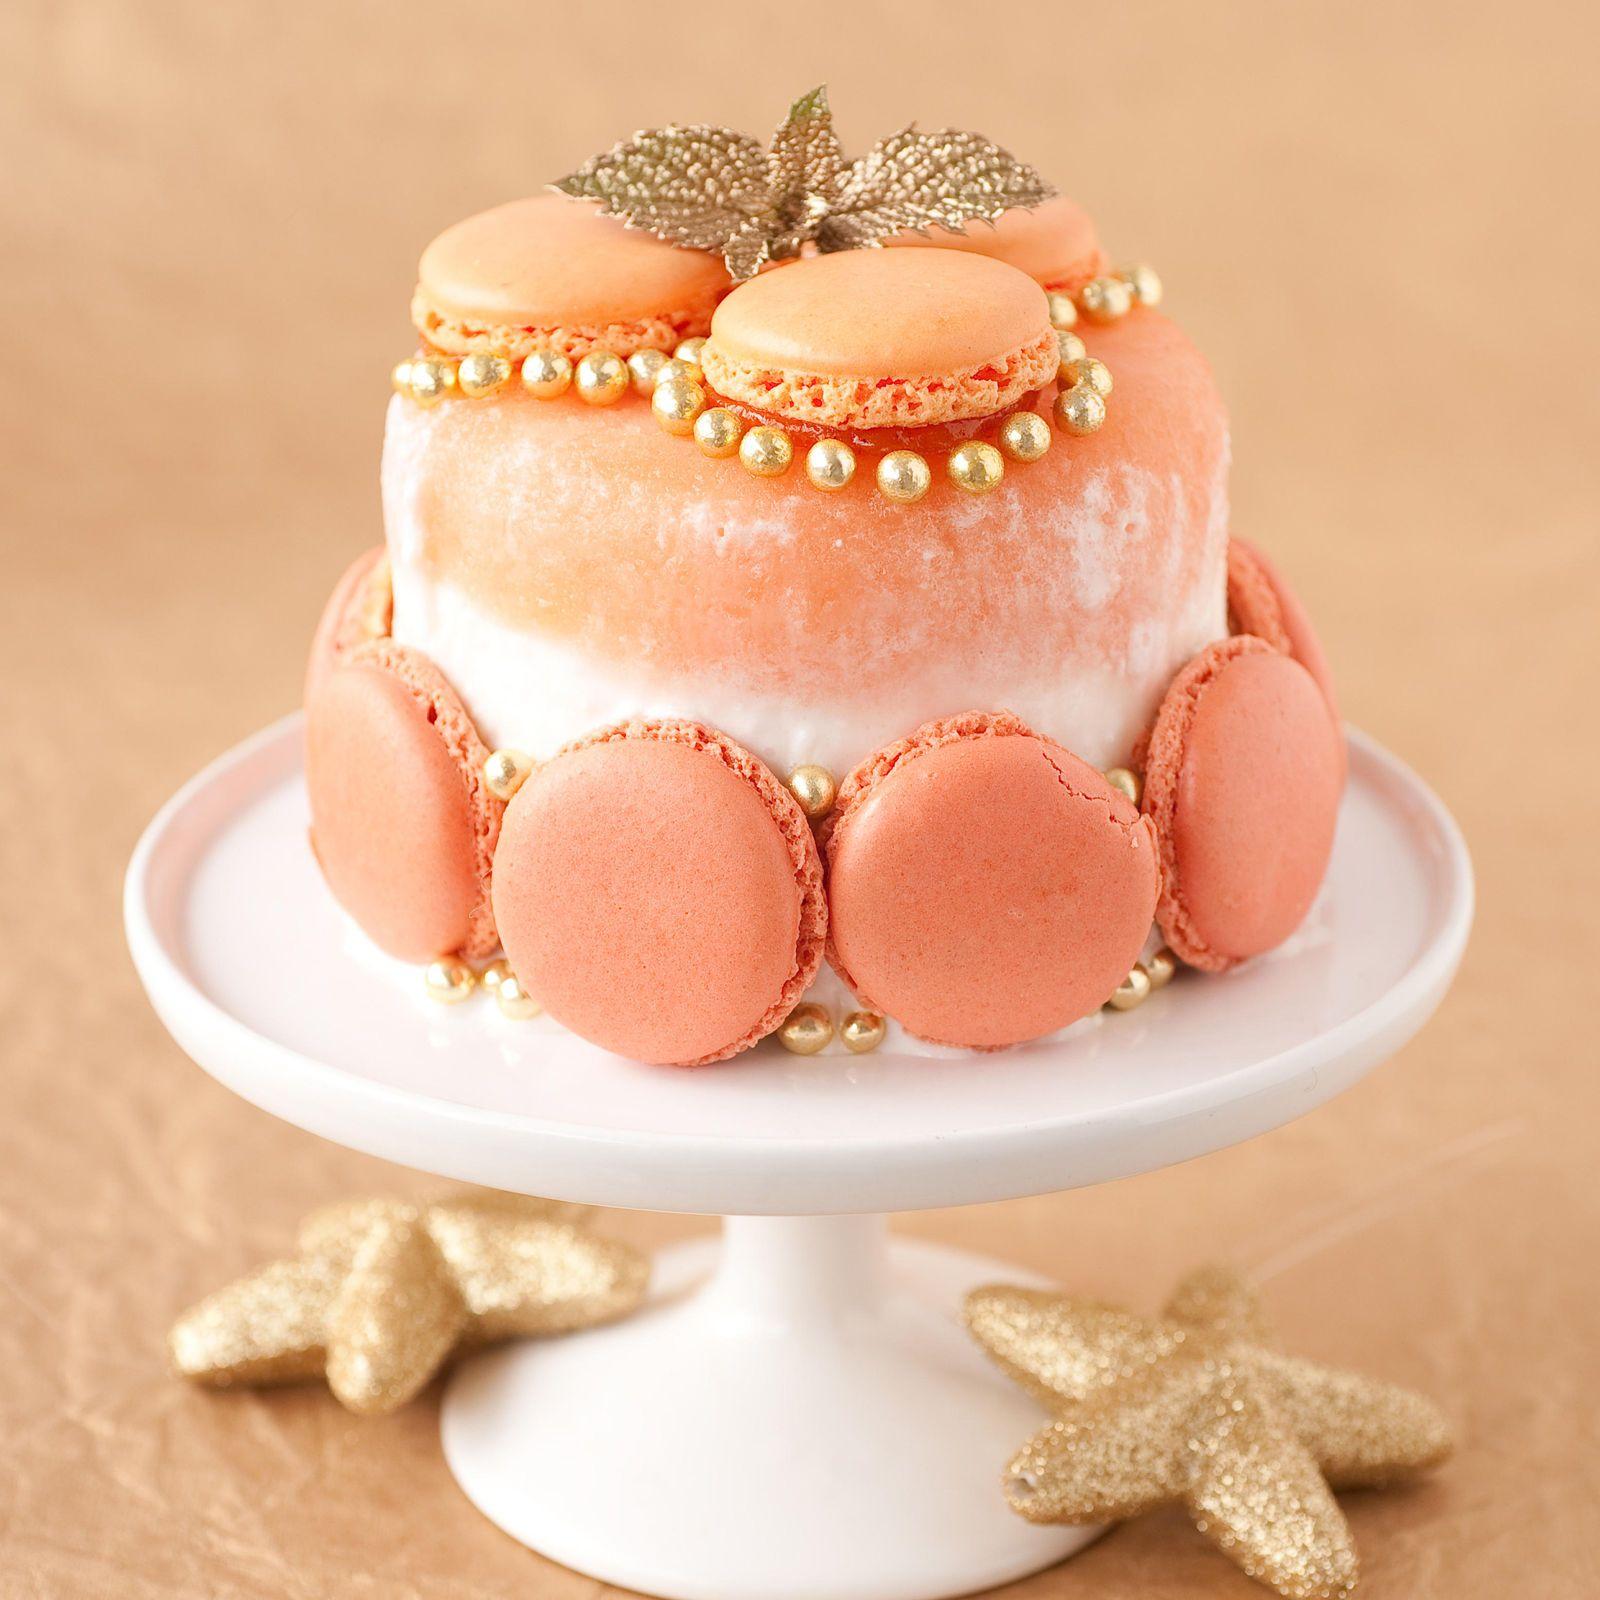 gateau glacé aux macarons recette gâteau glacé les macarons